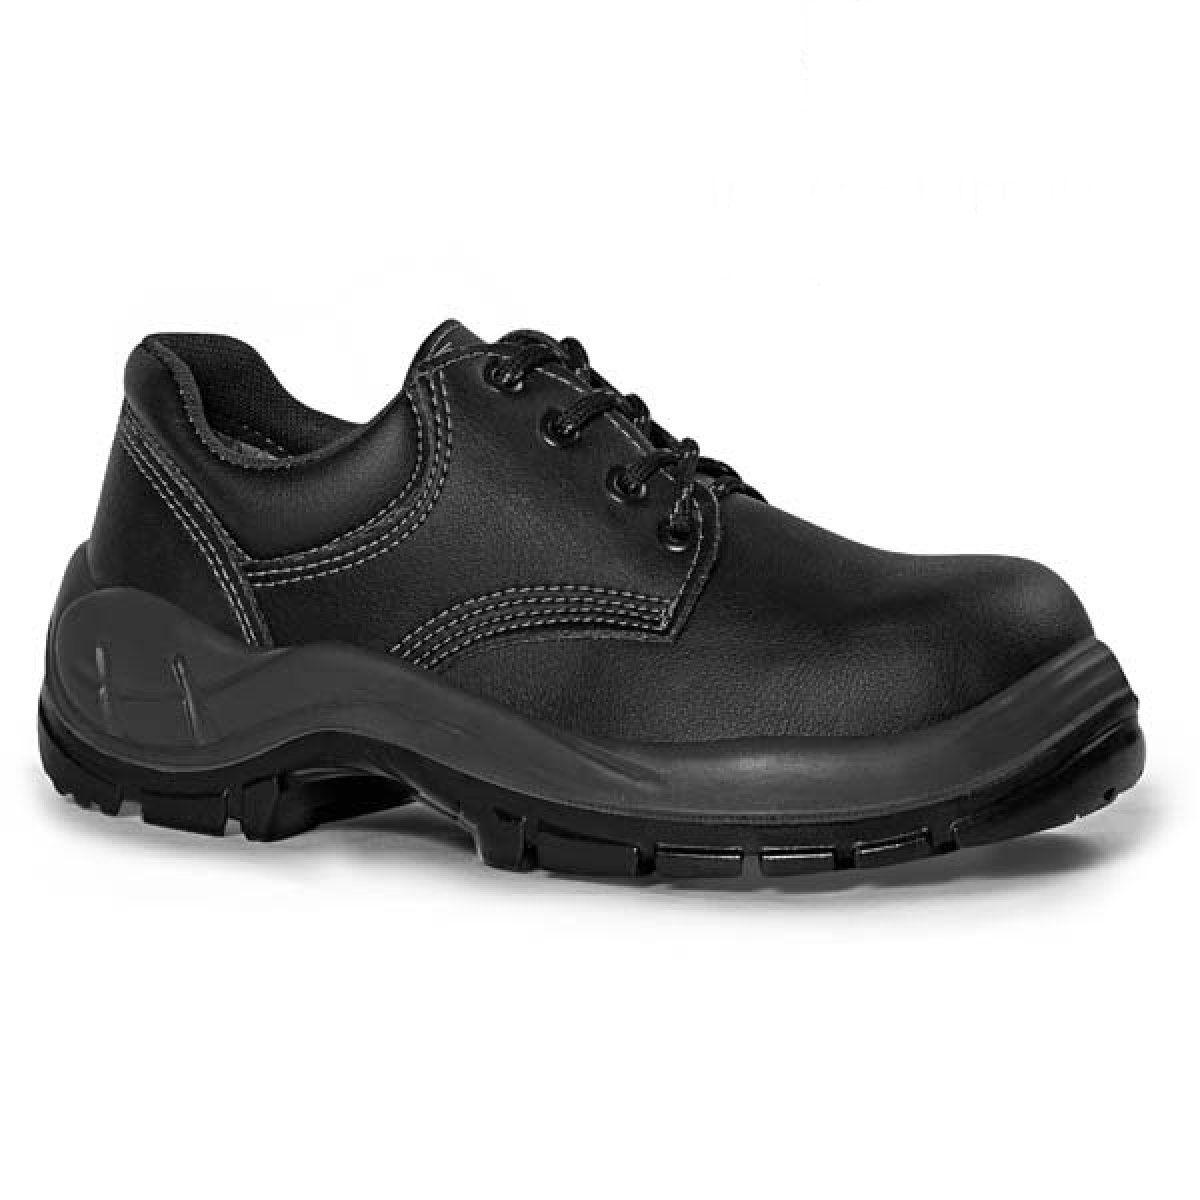 Sapato c/ Cadarço Bidensidade c/ Bico de Aço Preto N°44 - BRACOL